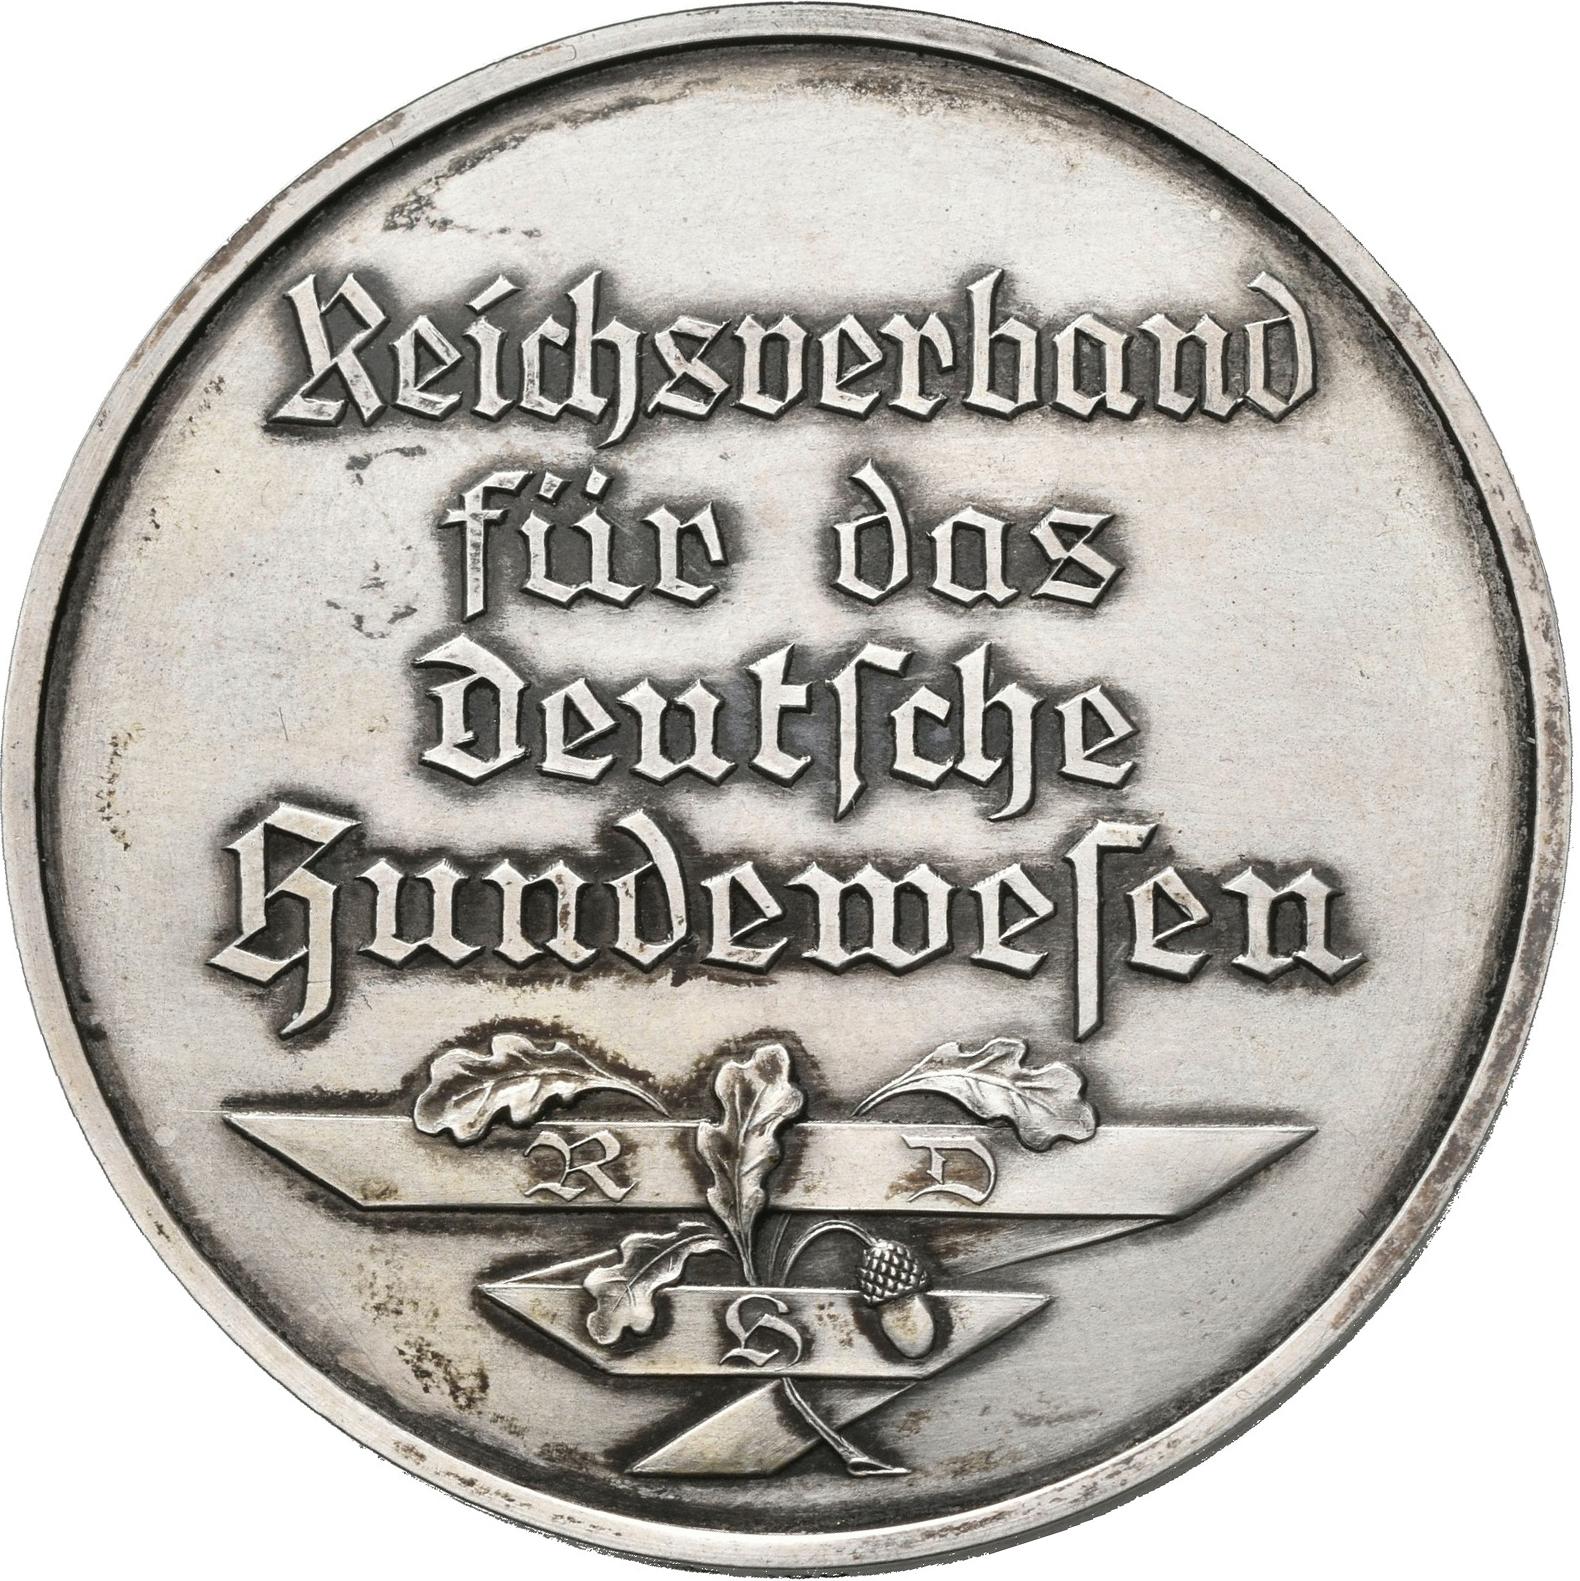 Lot 02387 - Medaillen Deutschland | Münzen  -  Auktionshaus Christoph Gärtner GmbH & Co. KG Sale #48 The Coins & The Picture Post Cards